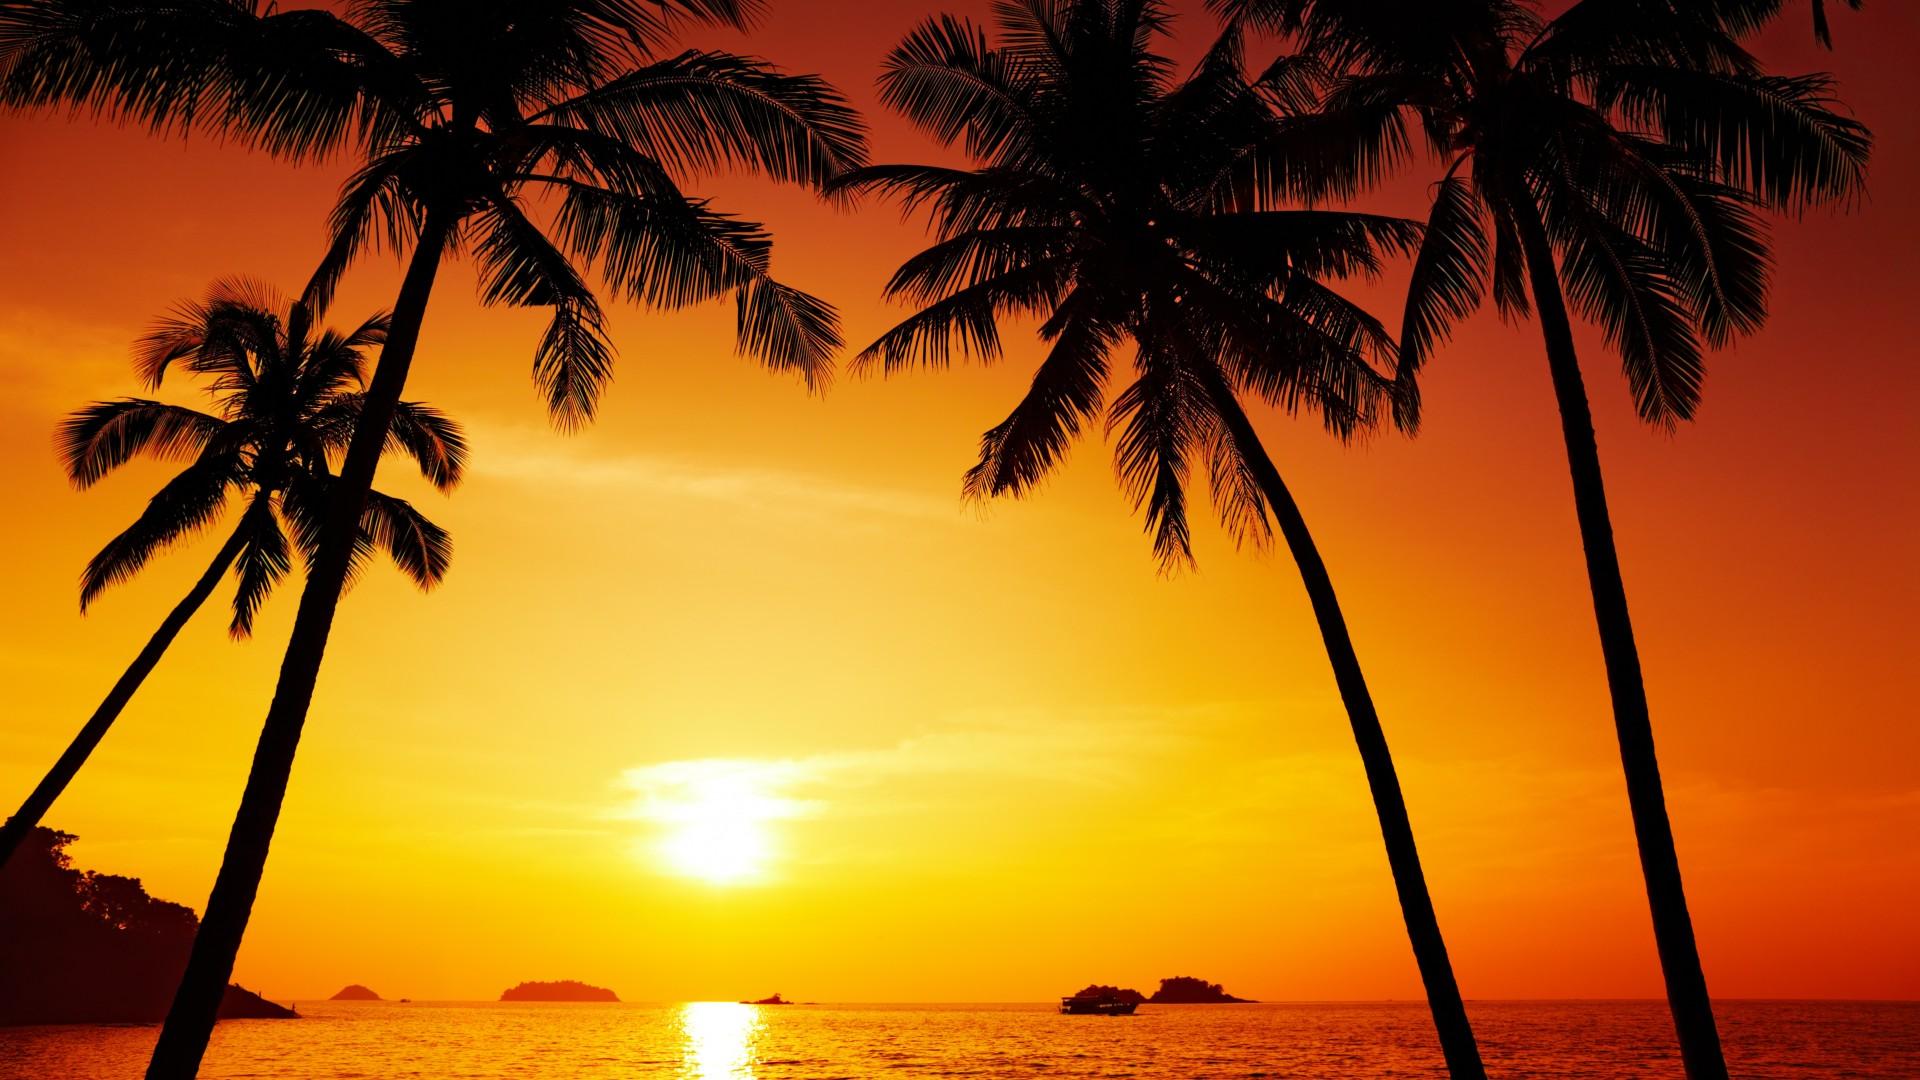 Palm trees Wallpaper beautiful scenery sunset Chang island 1920x1080